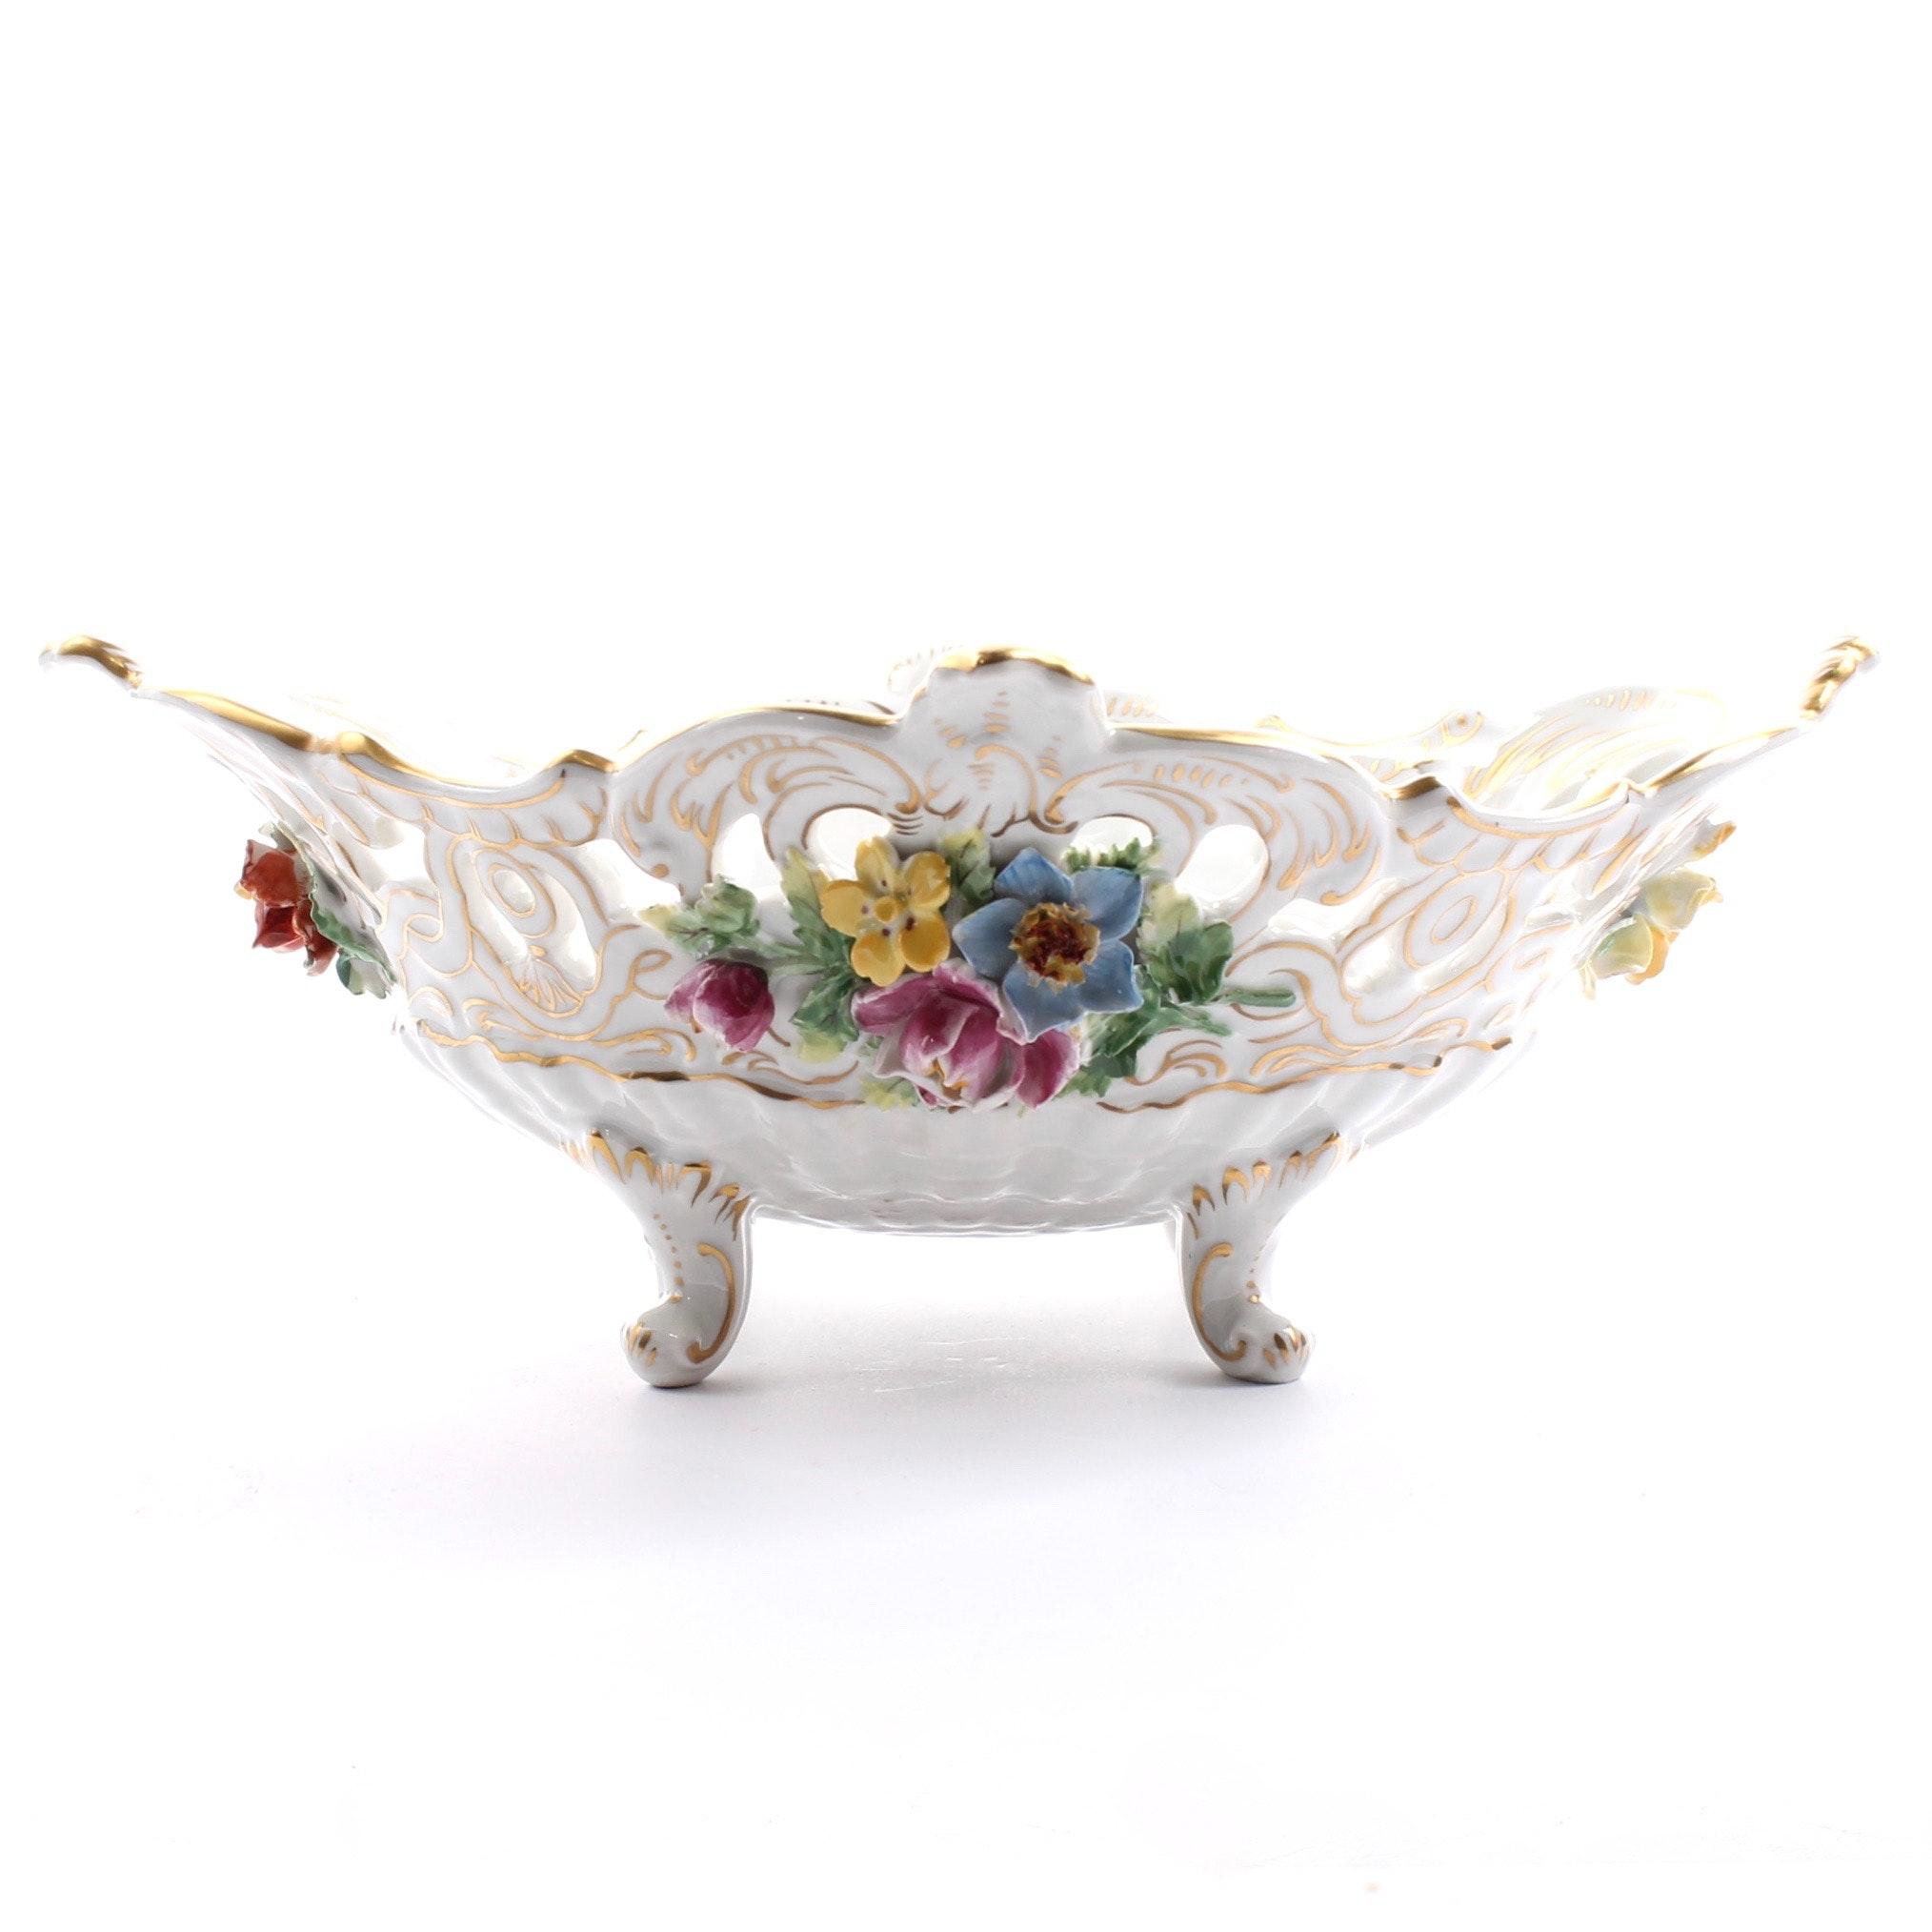 Vintage Original Saxon Dresden Hand-Painted Floral Centerpiece Bowl